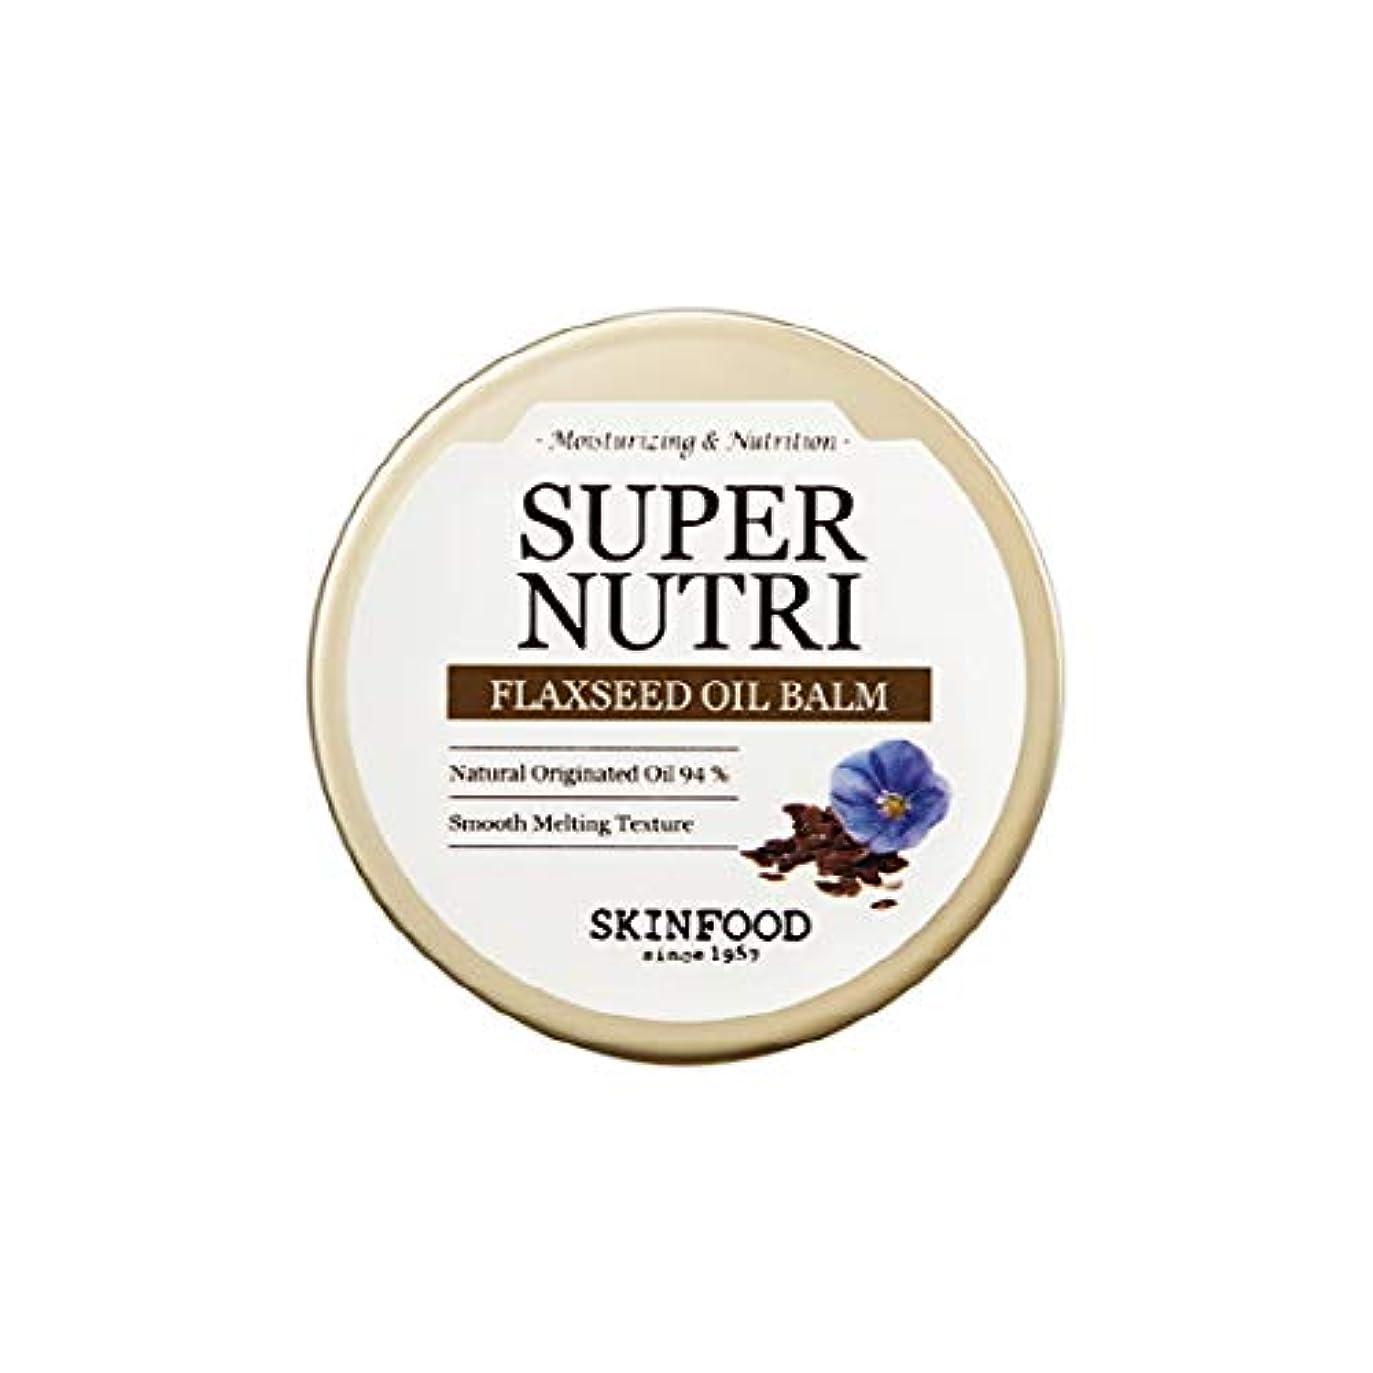 スズメバチピアノ発明Skinfood スーパーニュートリフラックスシードオイルバーム/SUPER NUTRI FLAXSEED OIL BALM 20g [並行輸入品]